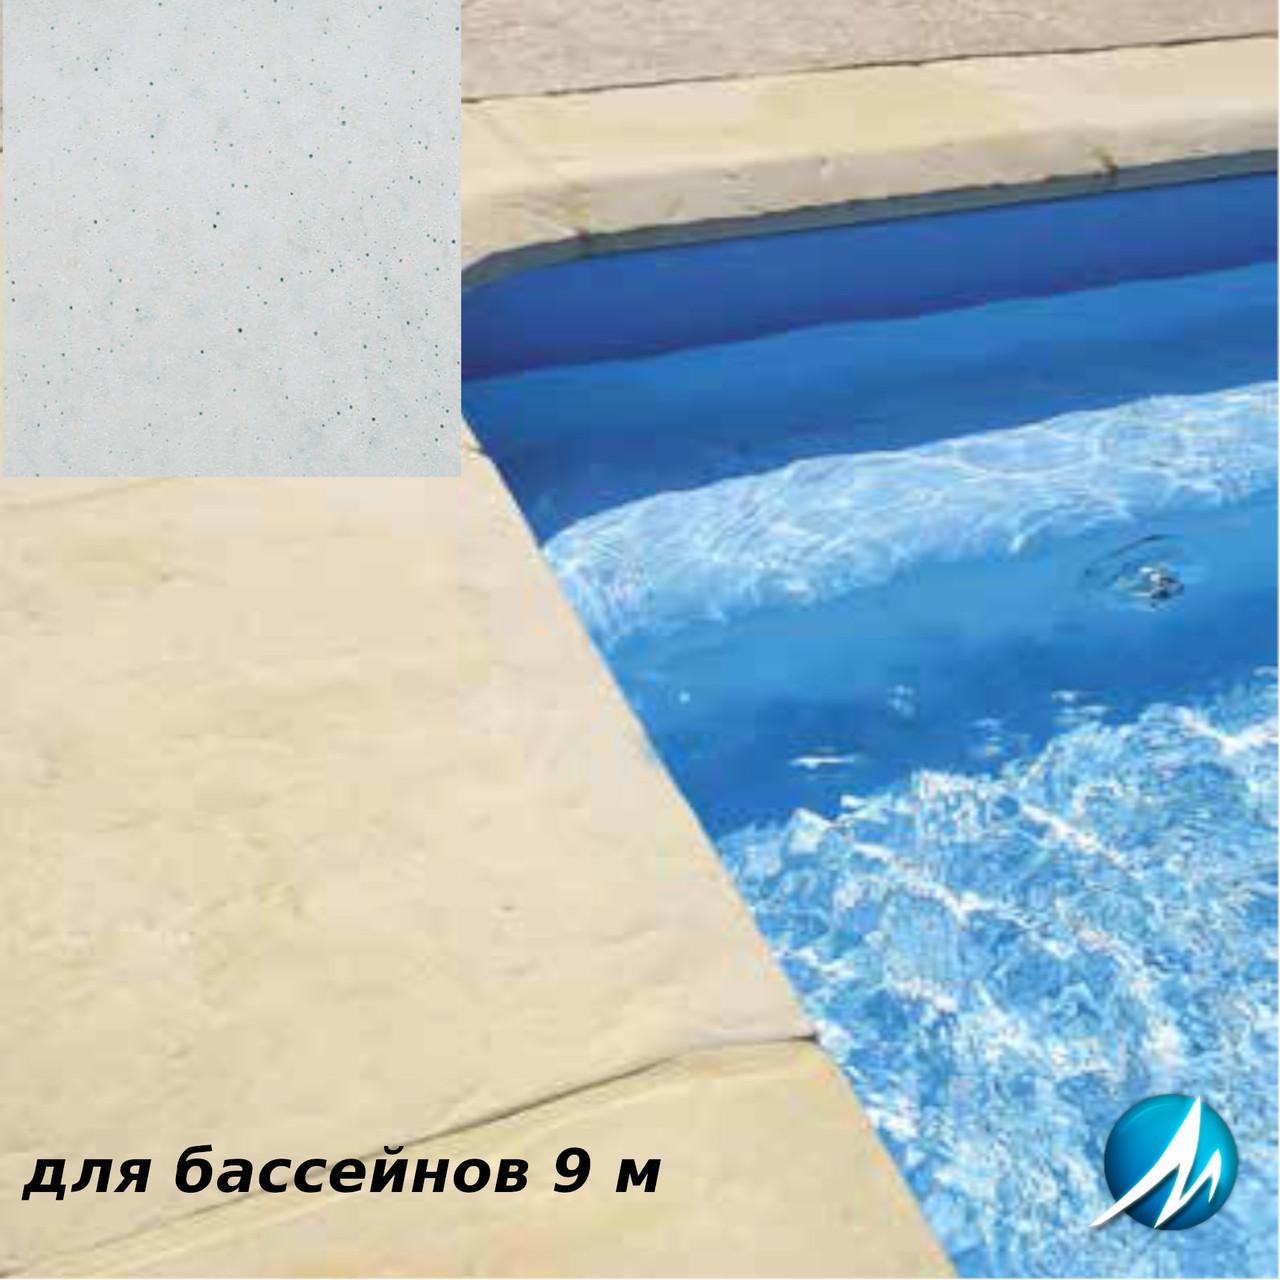 Комплект для отделки борта сборного бассейна 9 м копинговым камнем